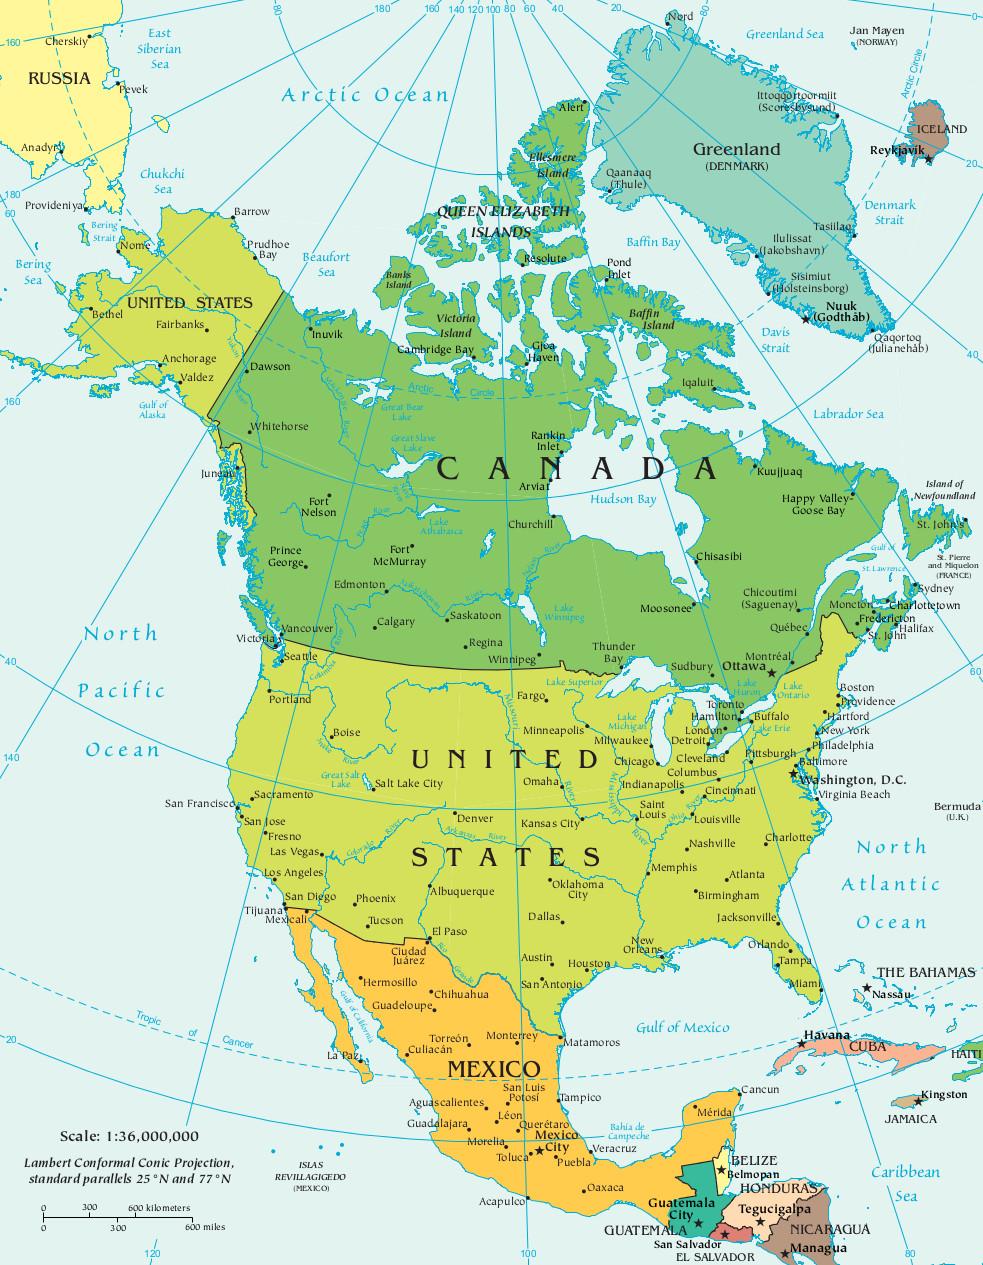 mapa america do norte América do Norte   Geografia, Mapas e Países   InfoEscola mapa america do norte